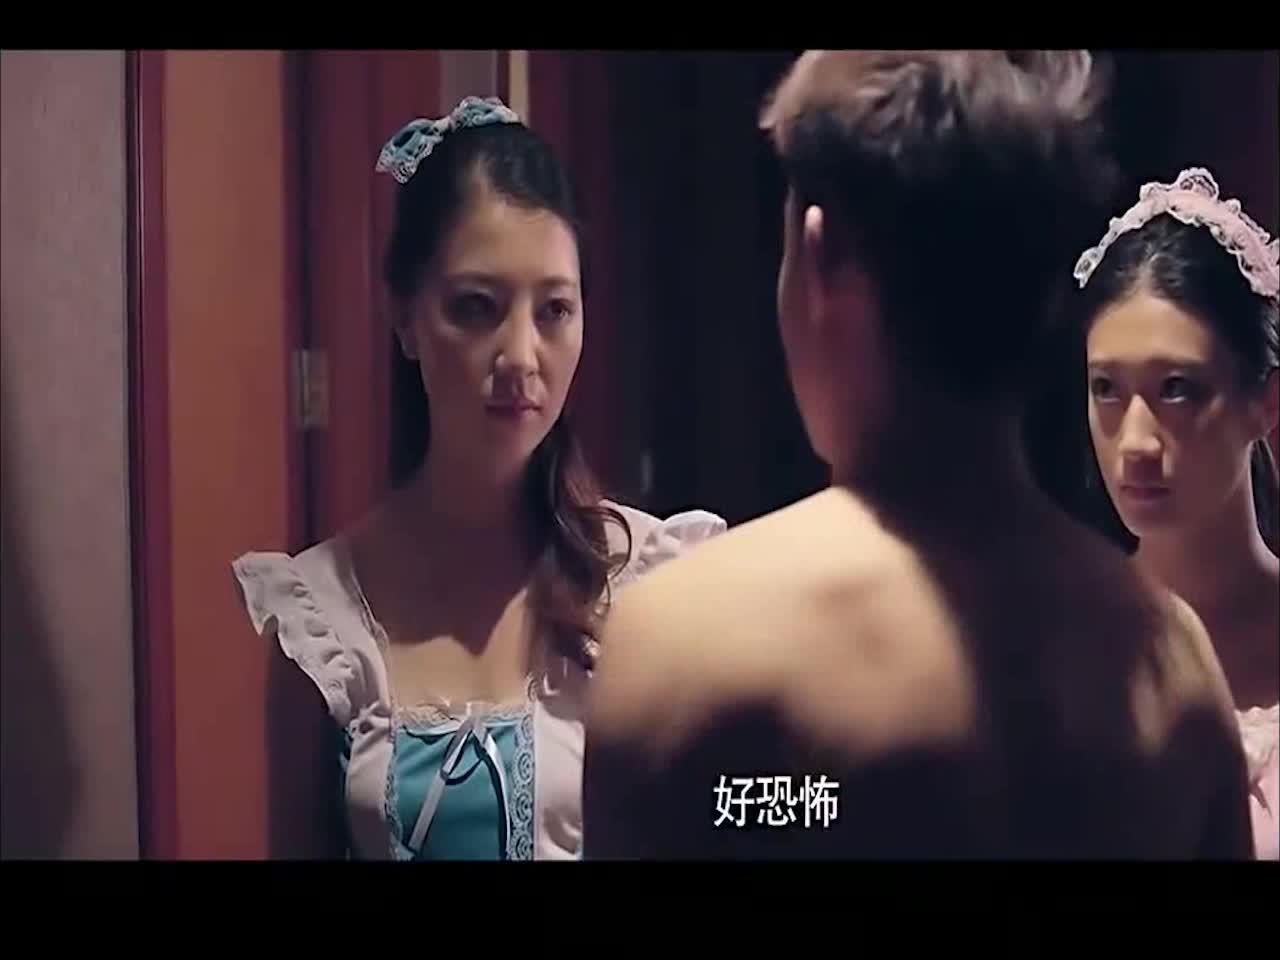 #高能 电影片段 #没想到还看的妹子原来是这么恐怖的壮汉扮演的